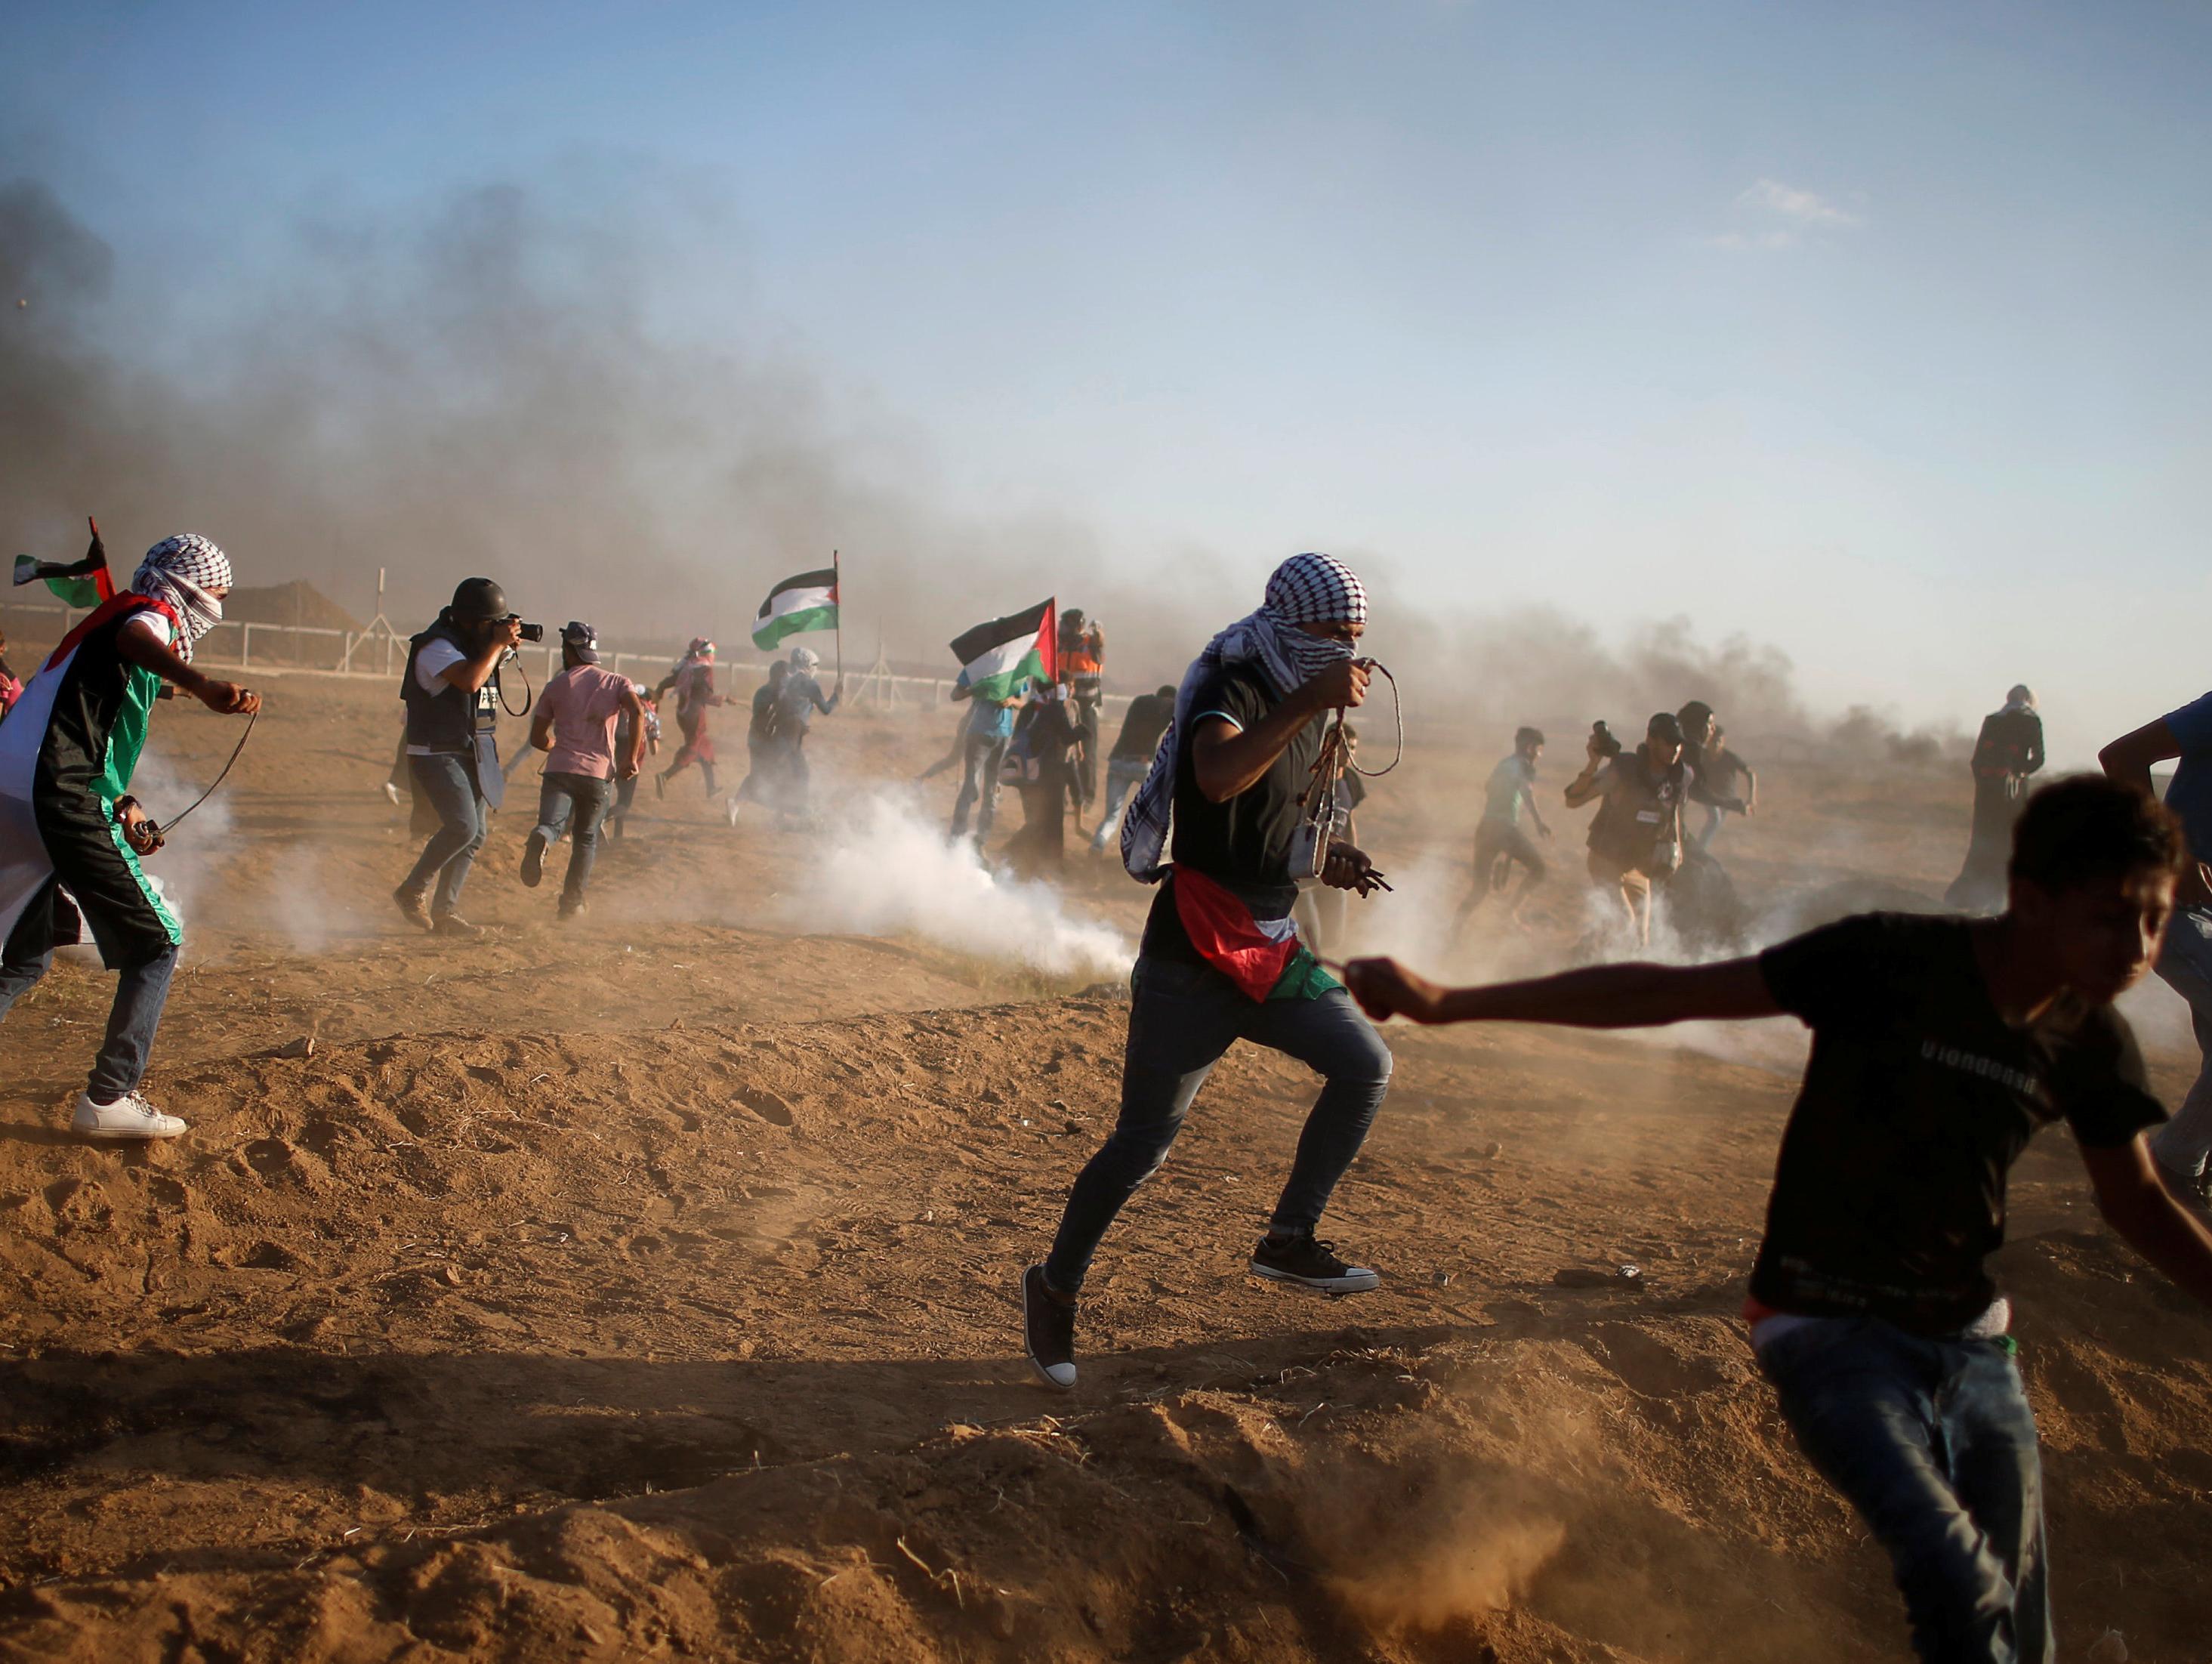 דיווחים פלסטיניים: רחפן חדר מרצועת עזה לשמי ישראל